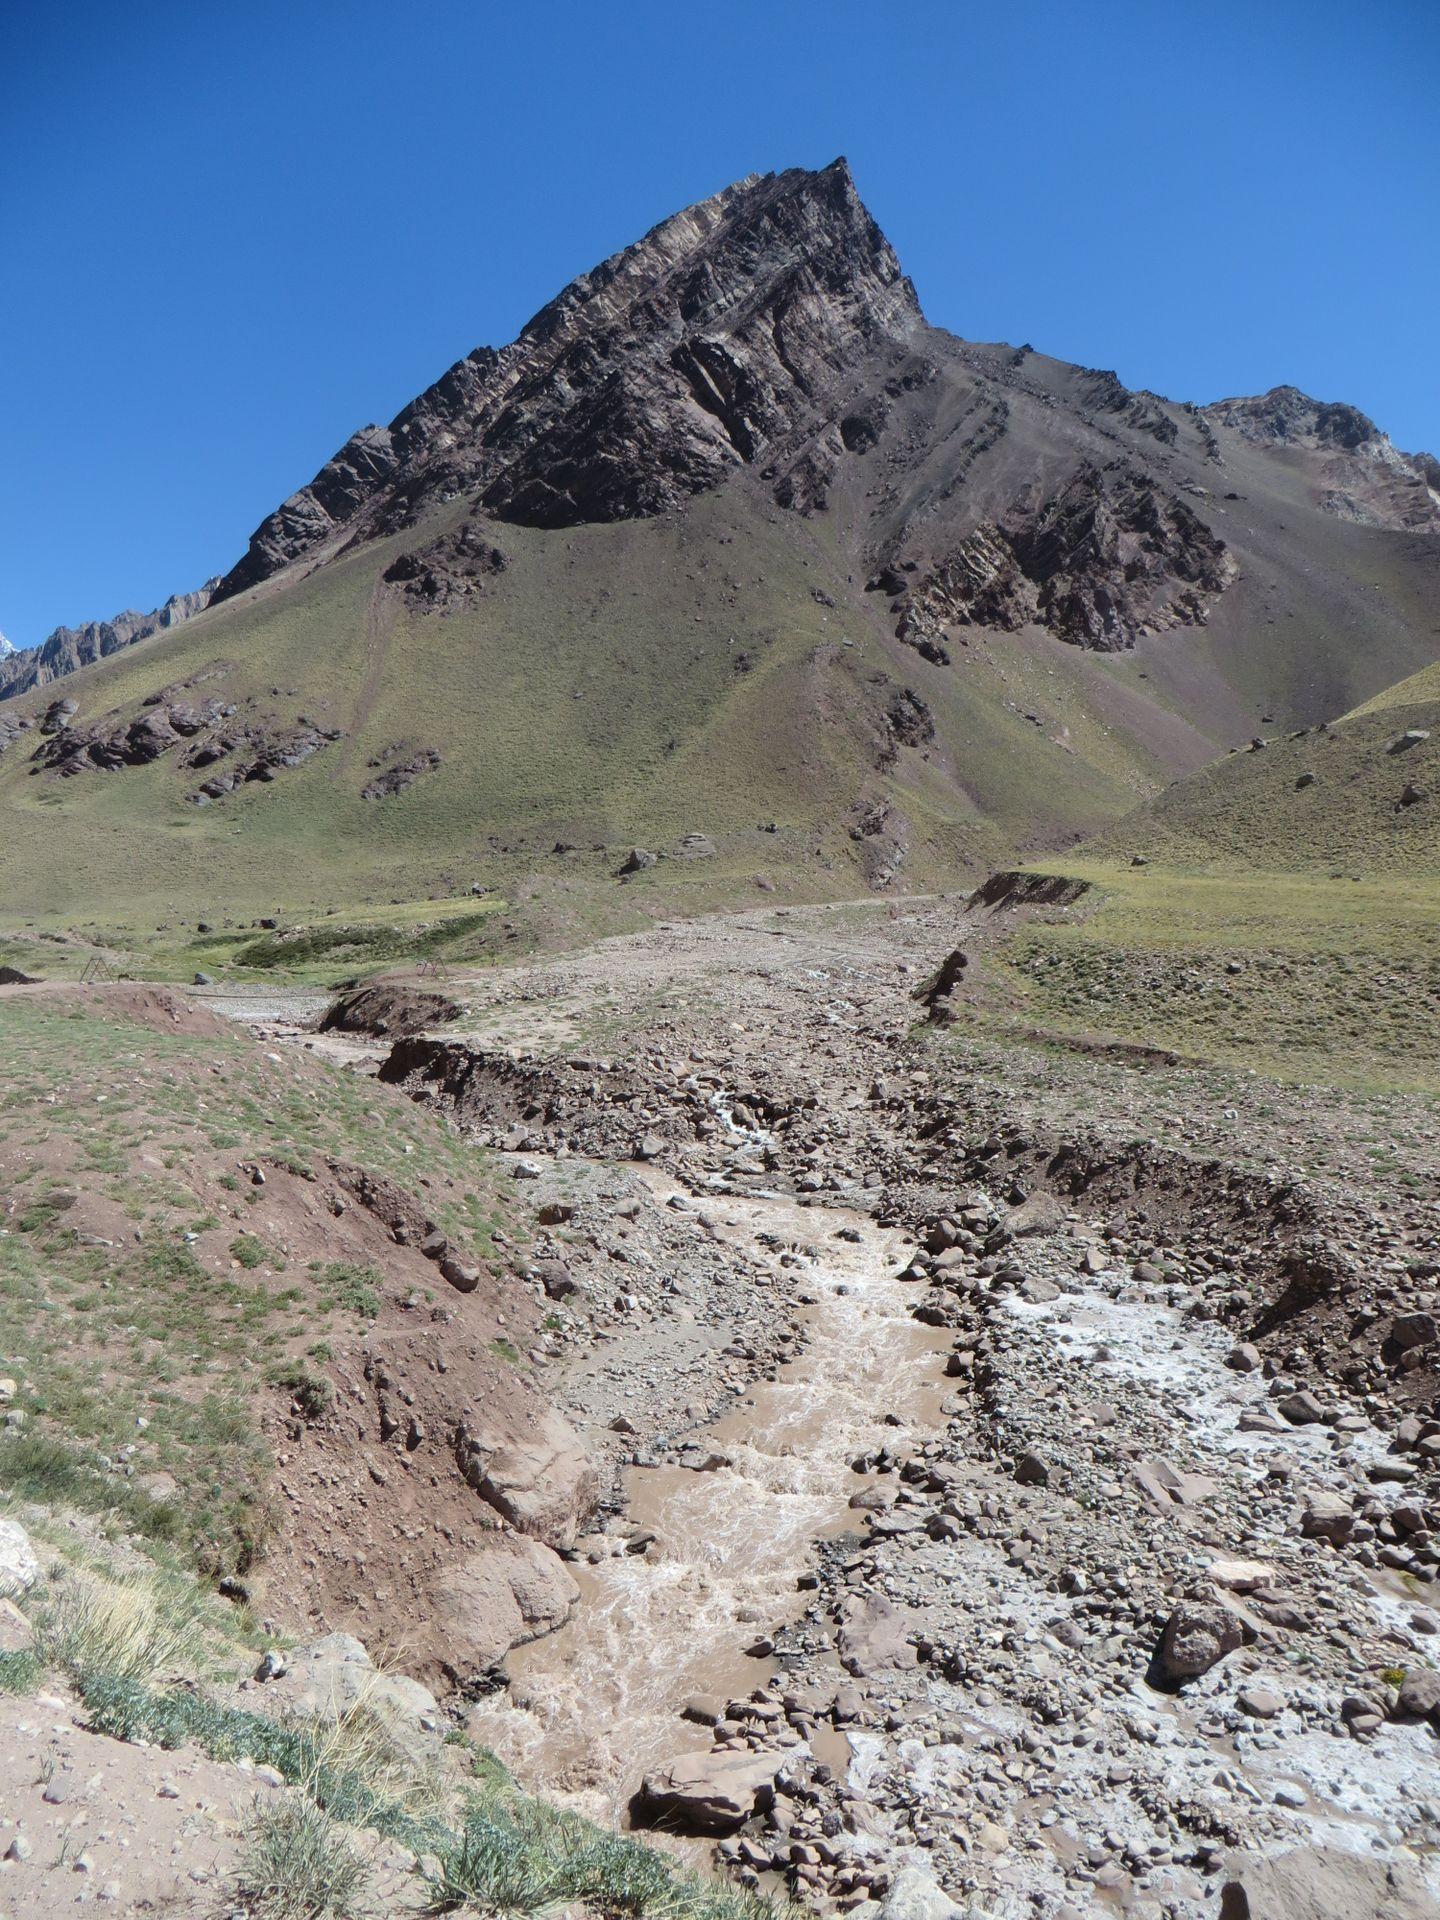 Himalaya Berge Karte.Auf Dem Hochsten Berg Ausserhalb Des Himalayas Naja Fast